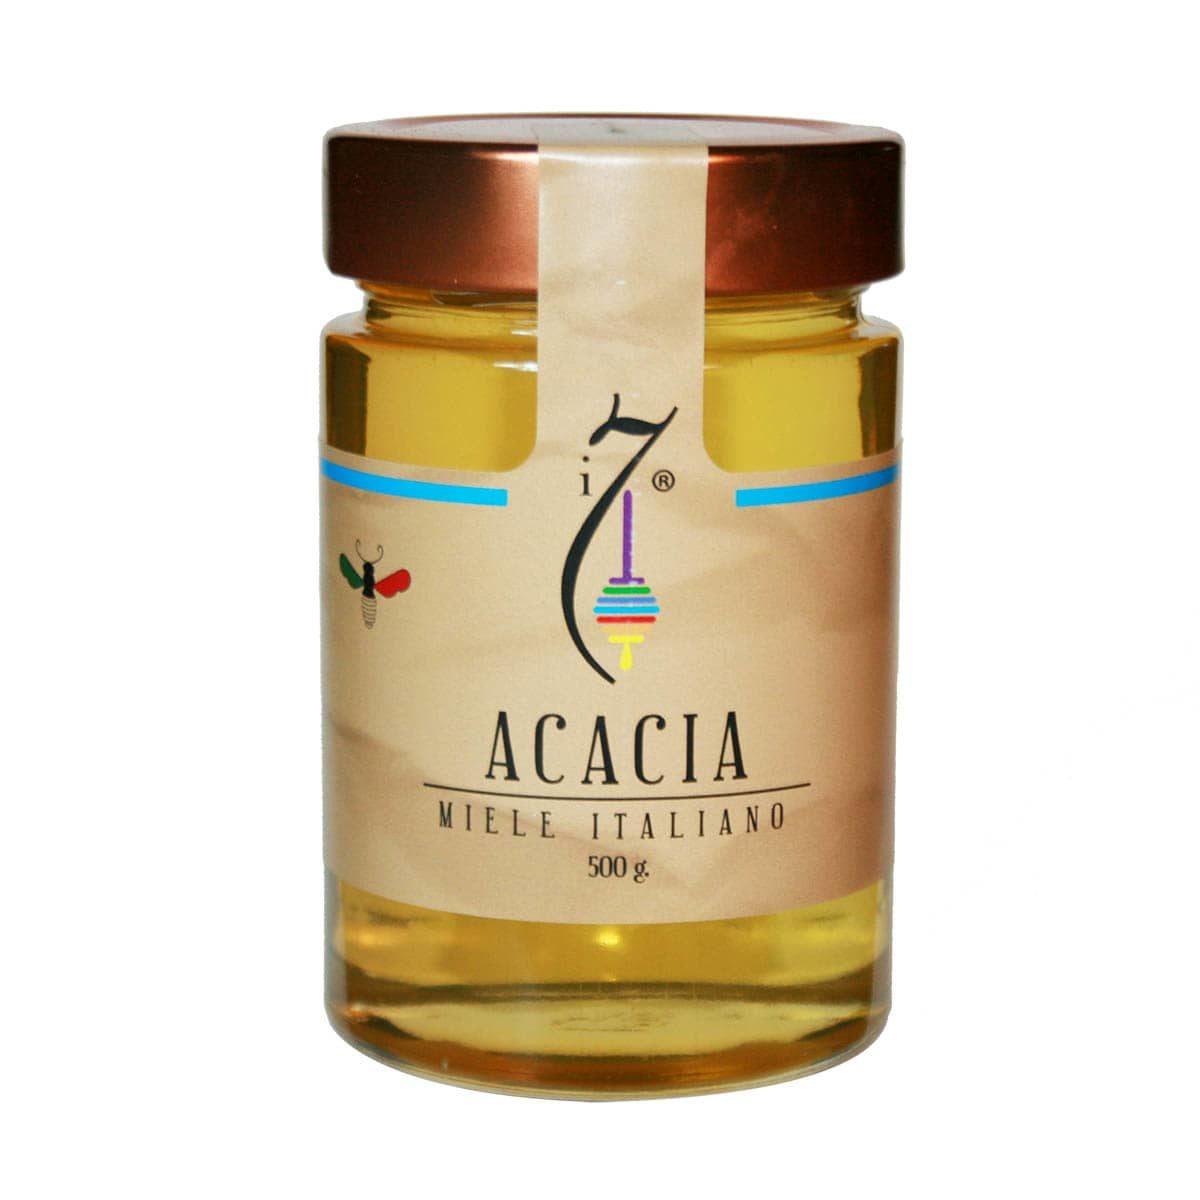 Miele di Acacia i 7 500 gr